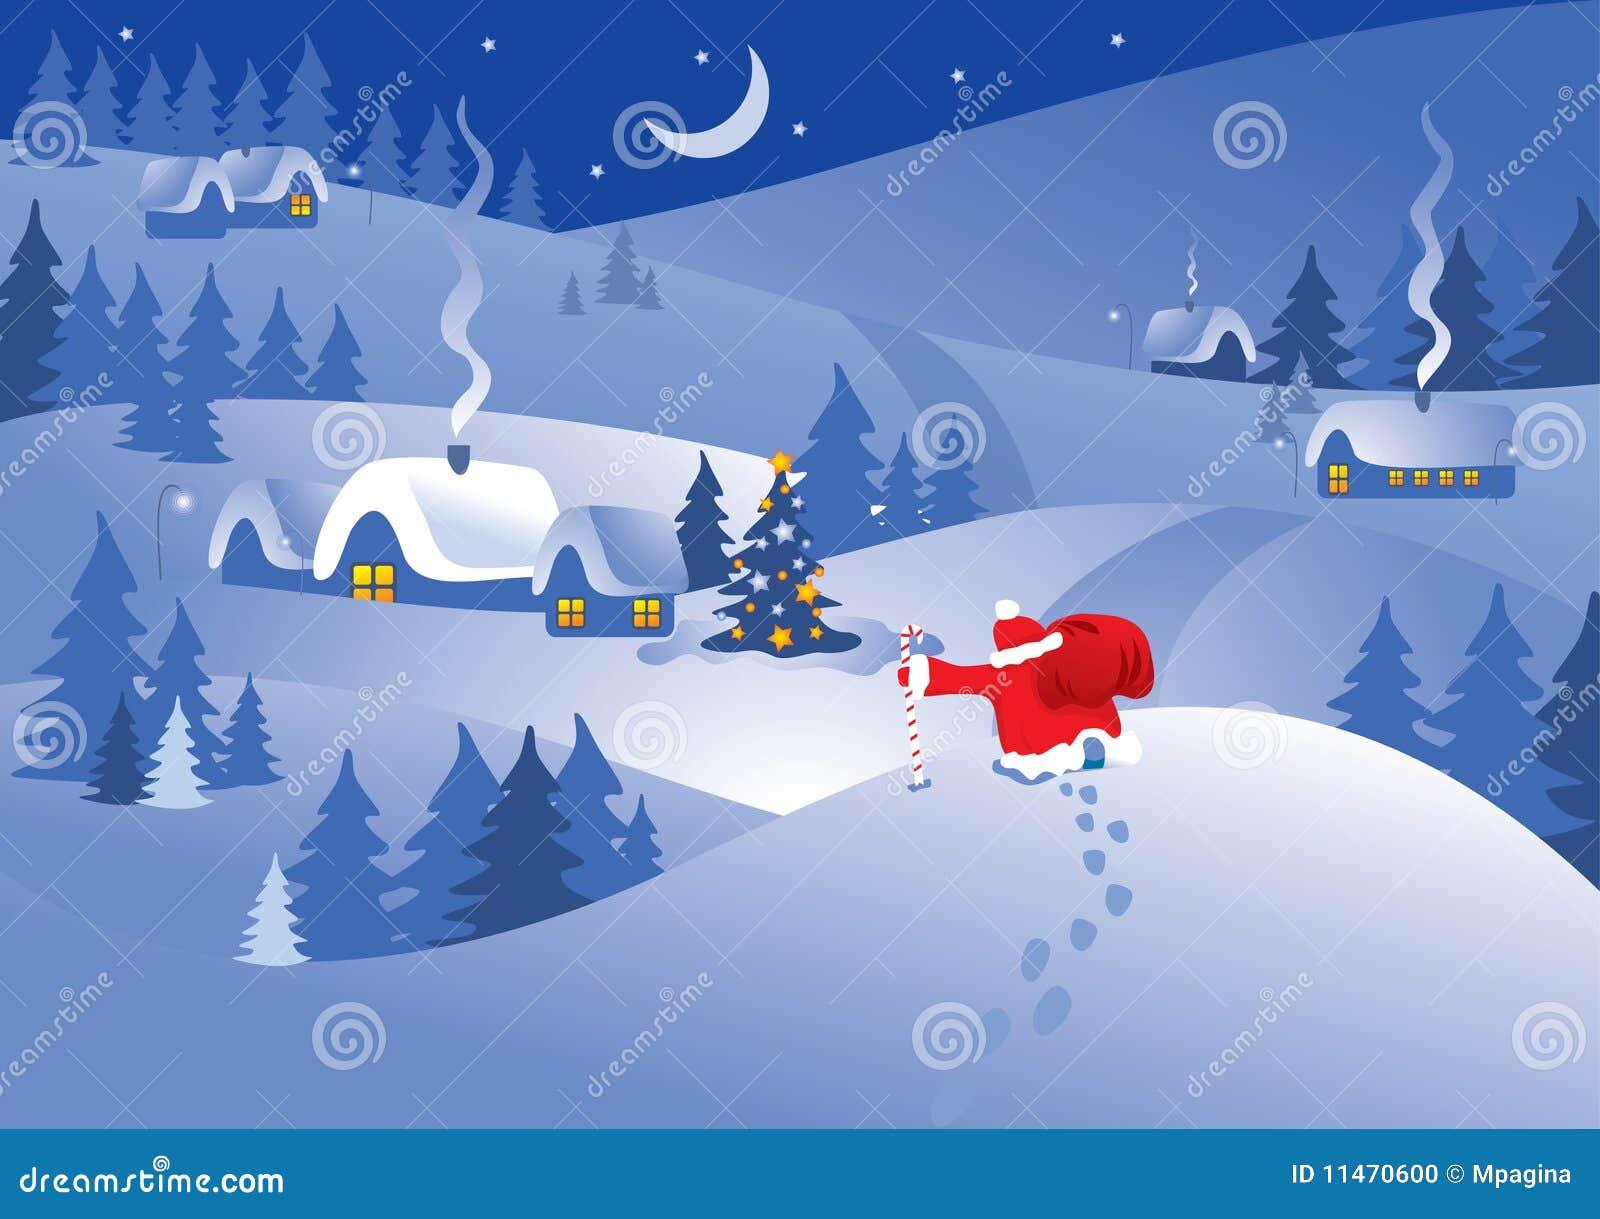 Het dorp van de kerstnacht. Vector.